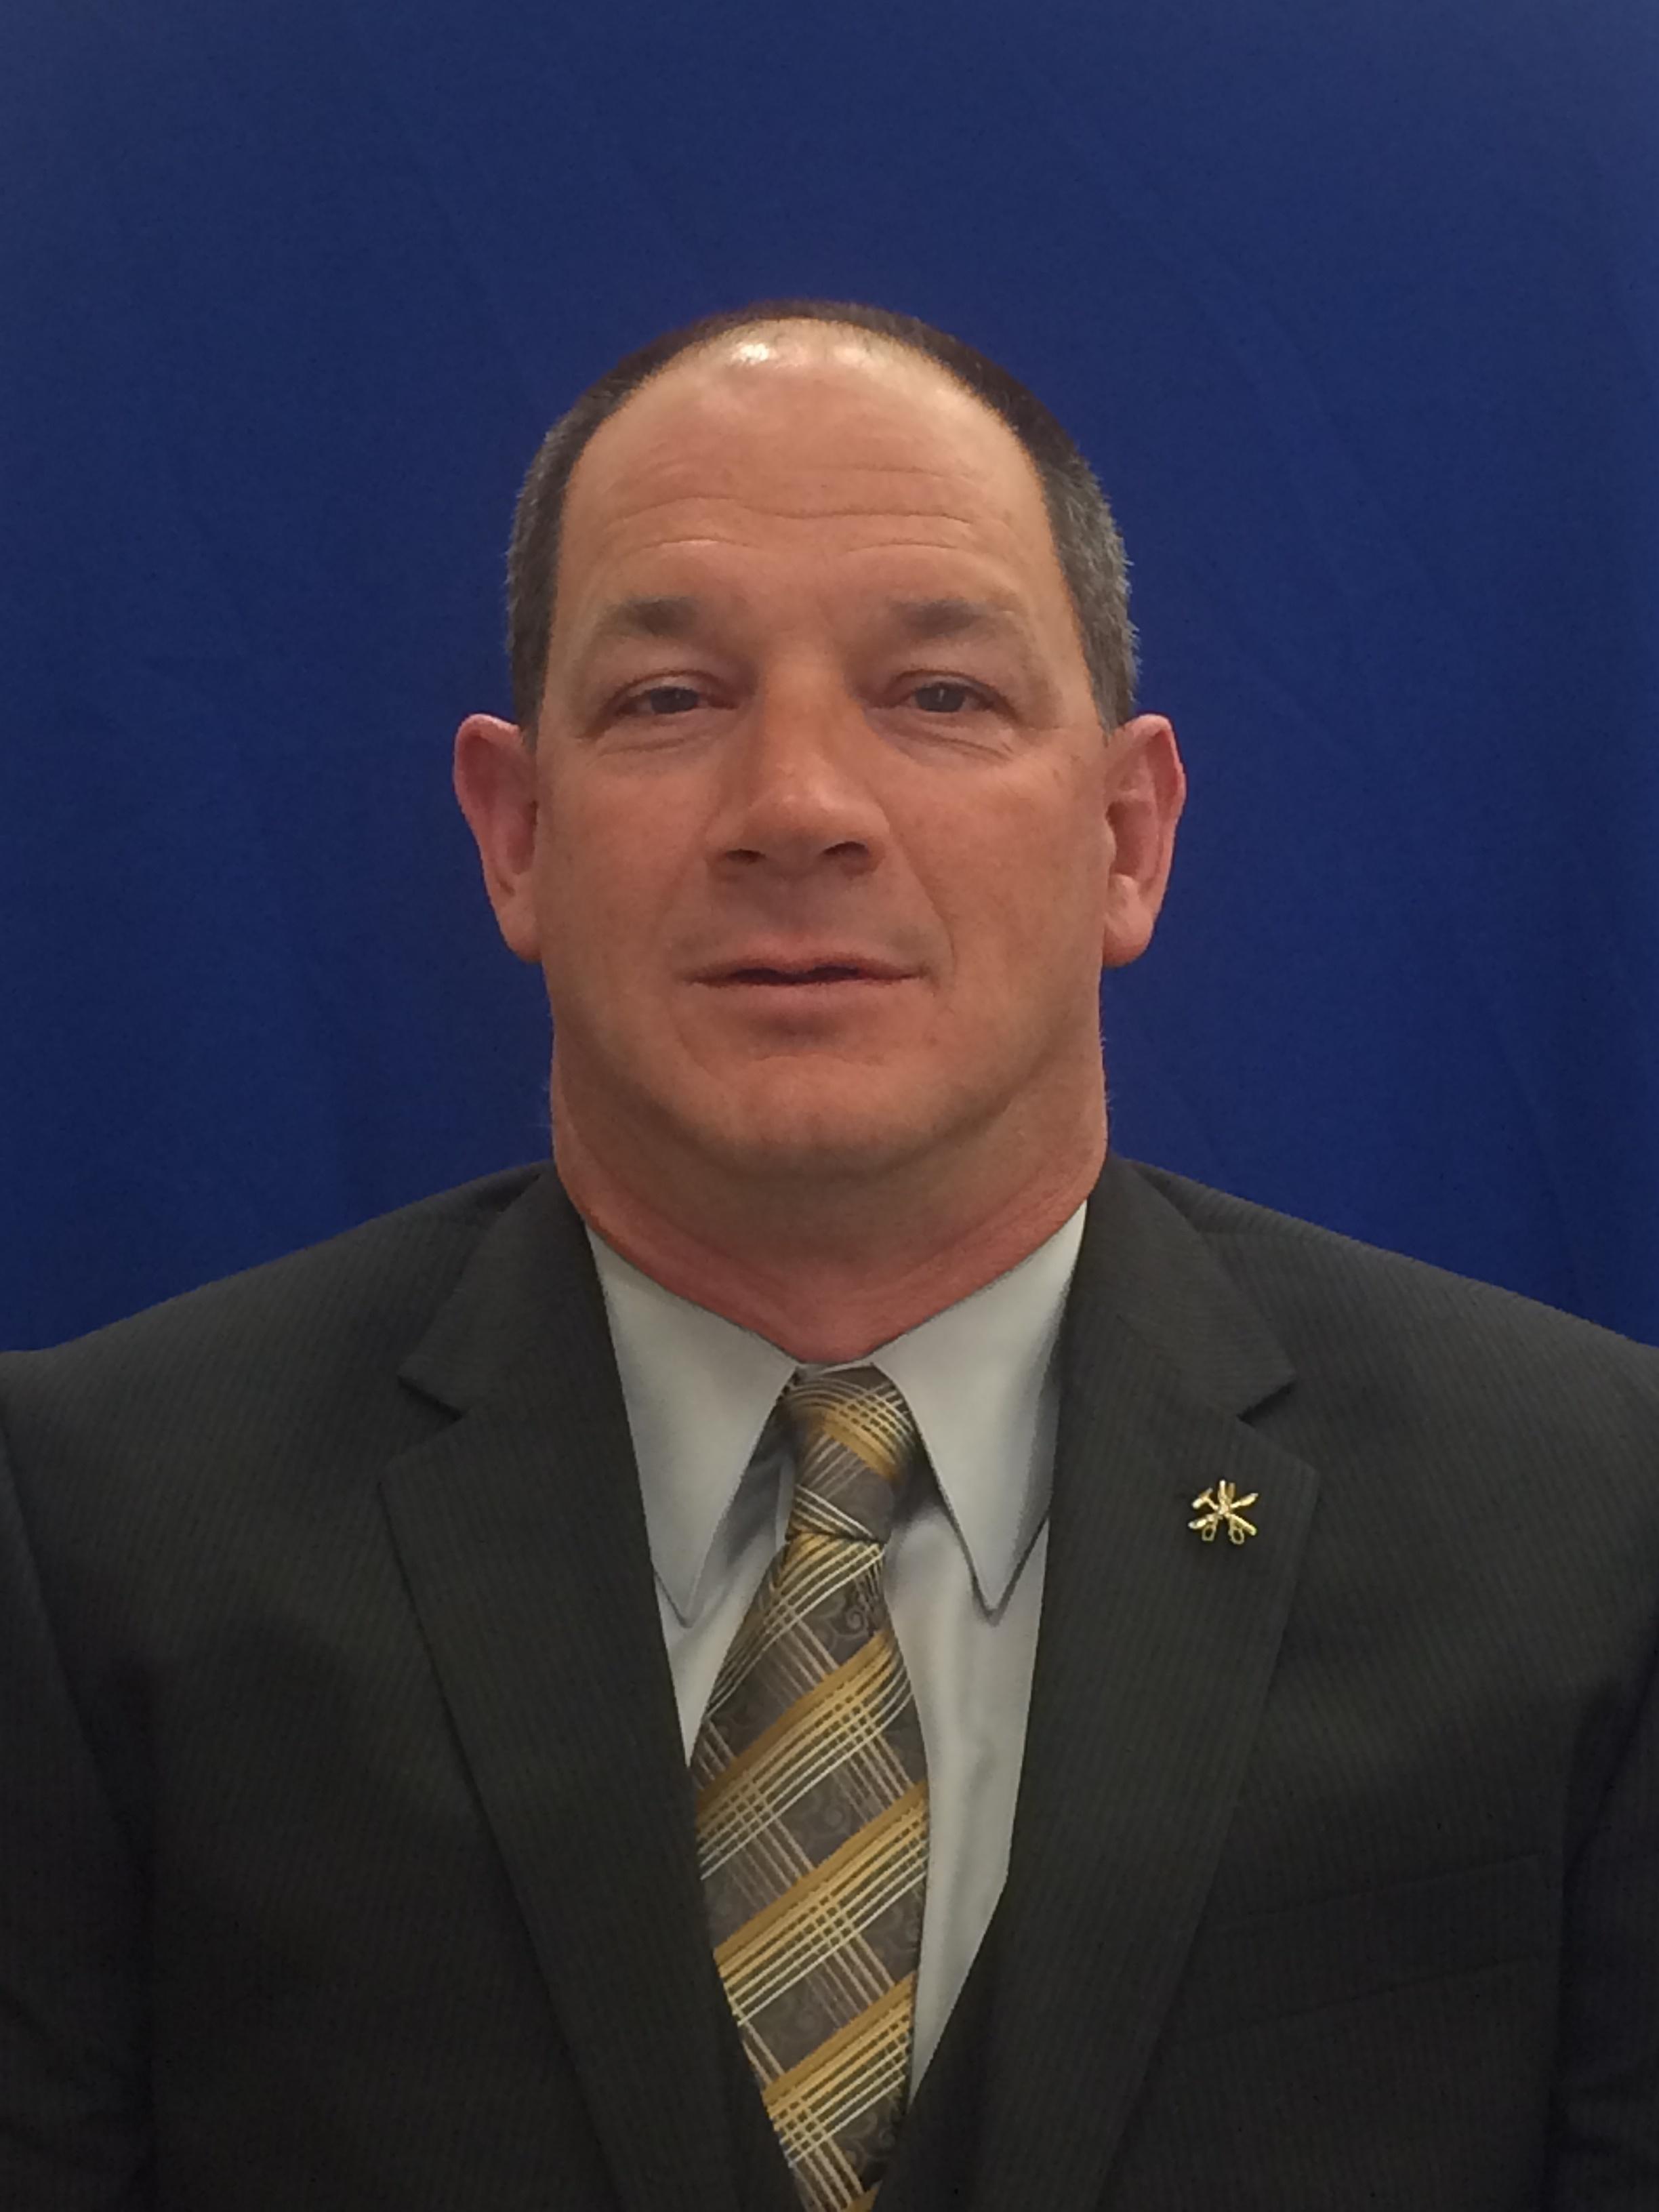 Douglas R. Tracy, Senate President Pro Tempore Appointe